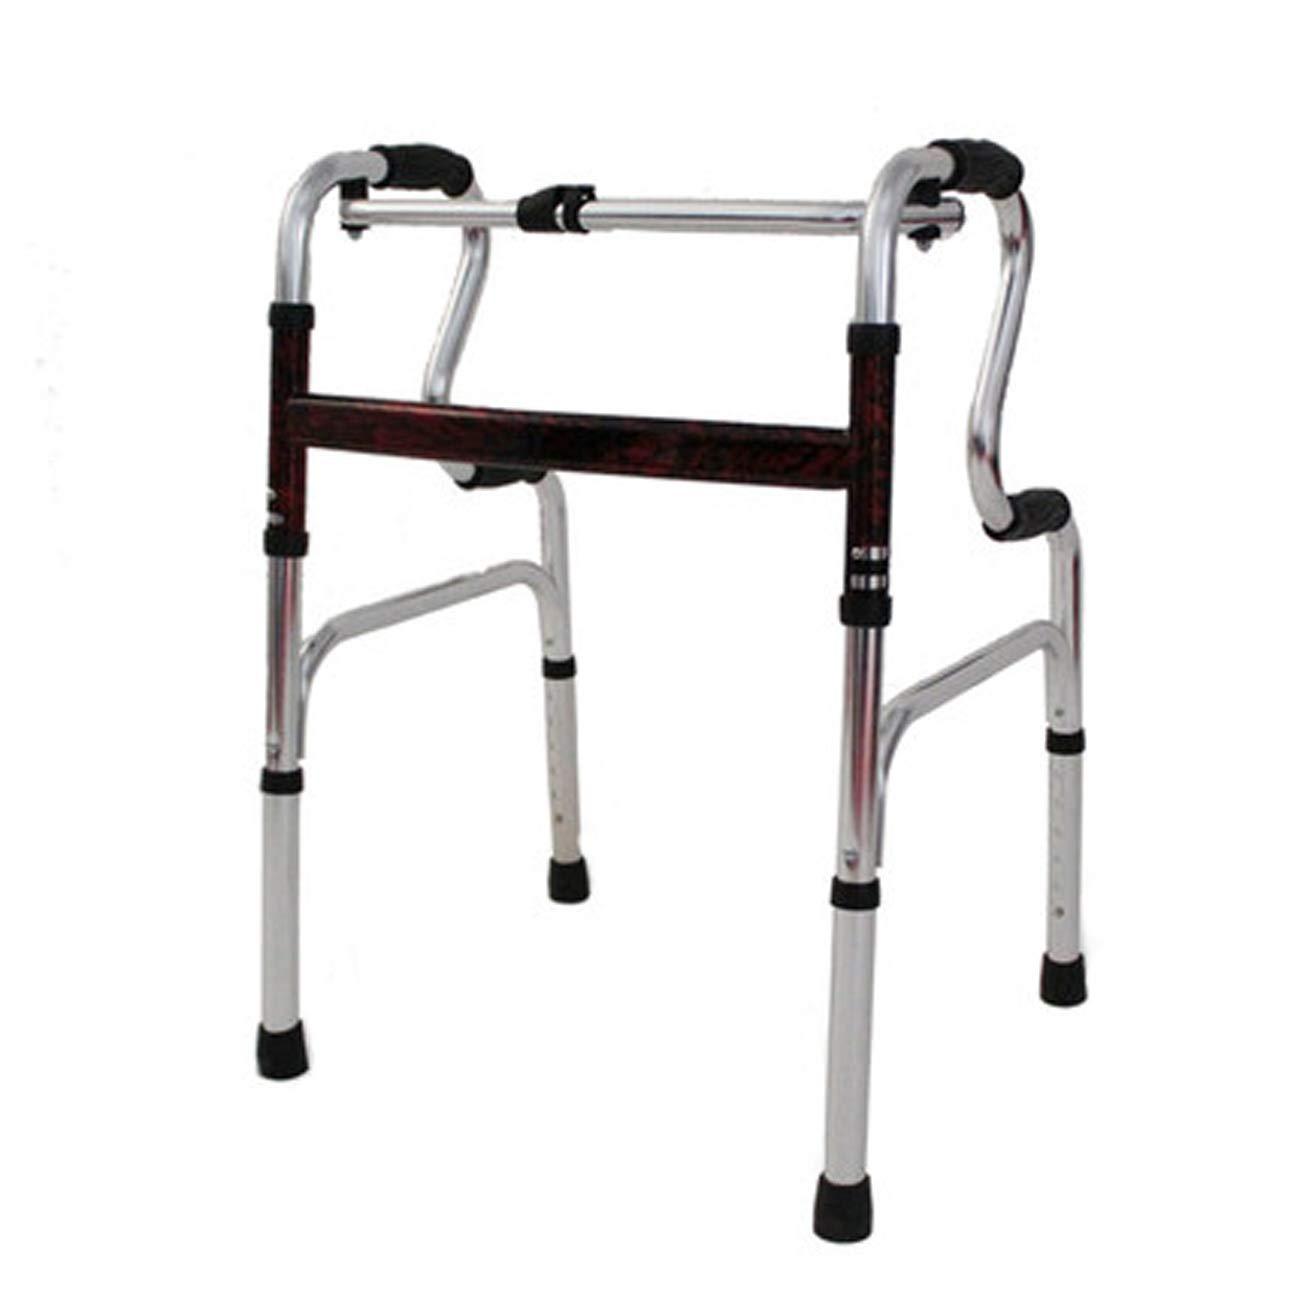 今年も話題の 高齢者の歩行器 (色、アルミニウム合金の歩行器、古いfour-leggedアルミニウム合金歩行者の折り畳み式歩行器、マルチスタイルのオプション (色 : Red, Red, : 設計 : A) A Red B07L76GC7C, ヤススポーツ:15753576 --- a0267596.xsph.ru